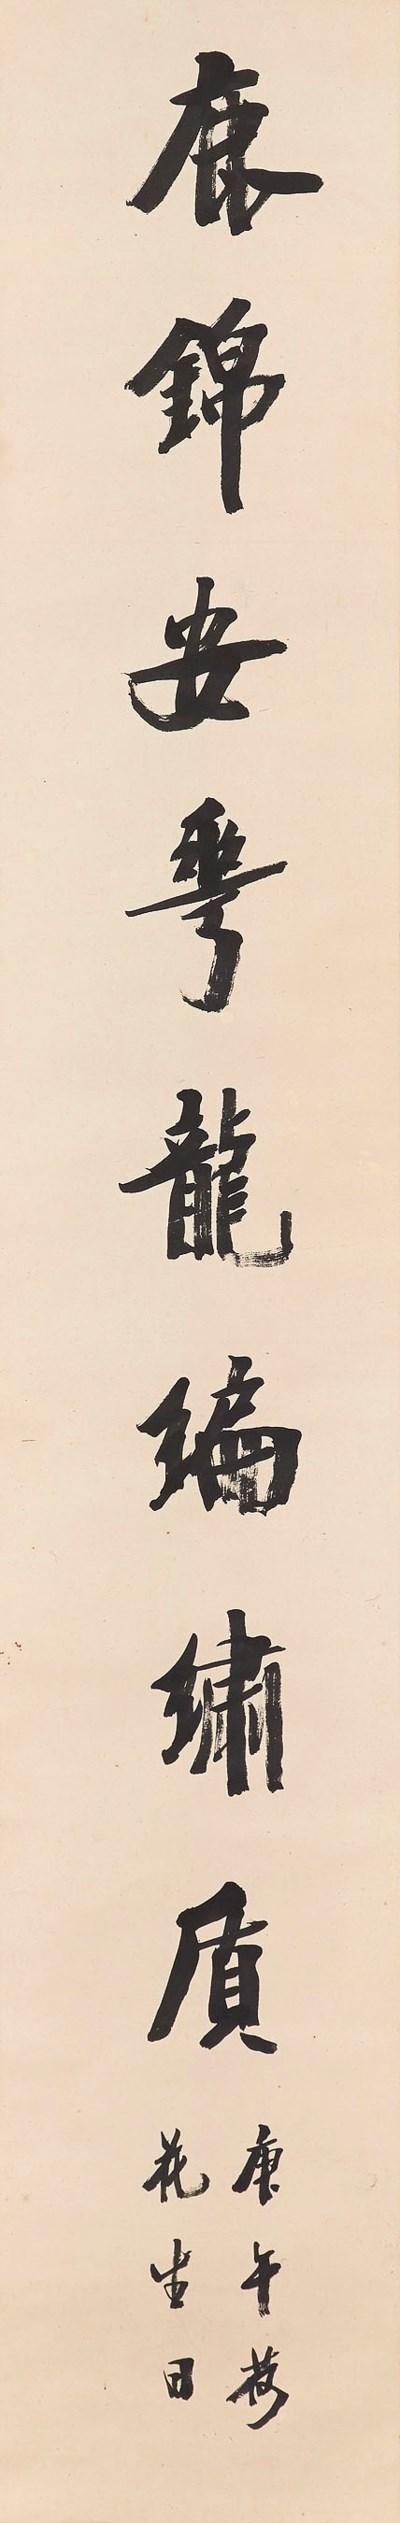 FAN ZENGXIANG (1846-1931)